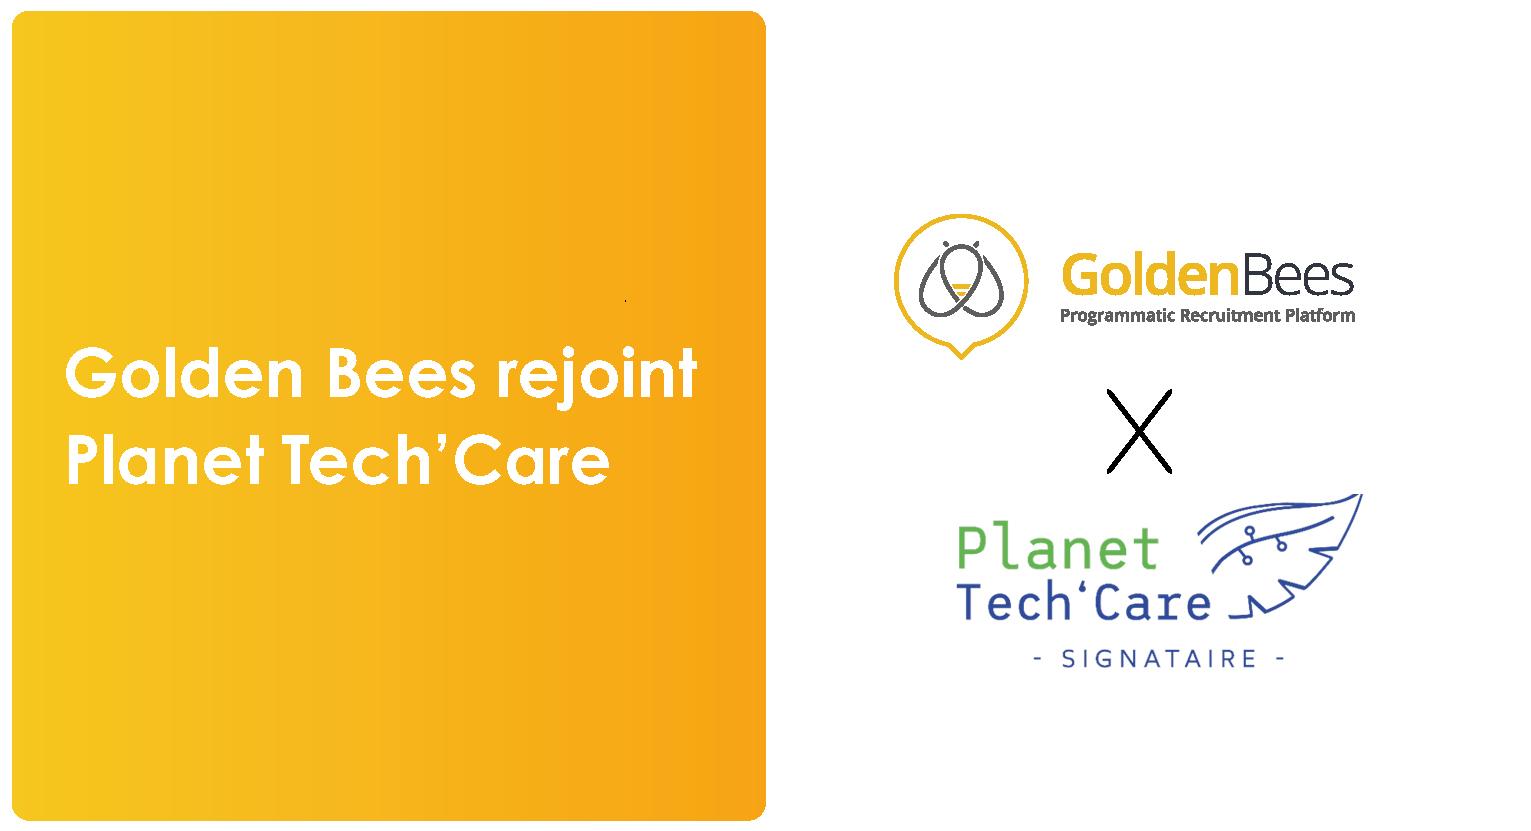 Golden Bees rejoint Planet Tech'Care